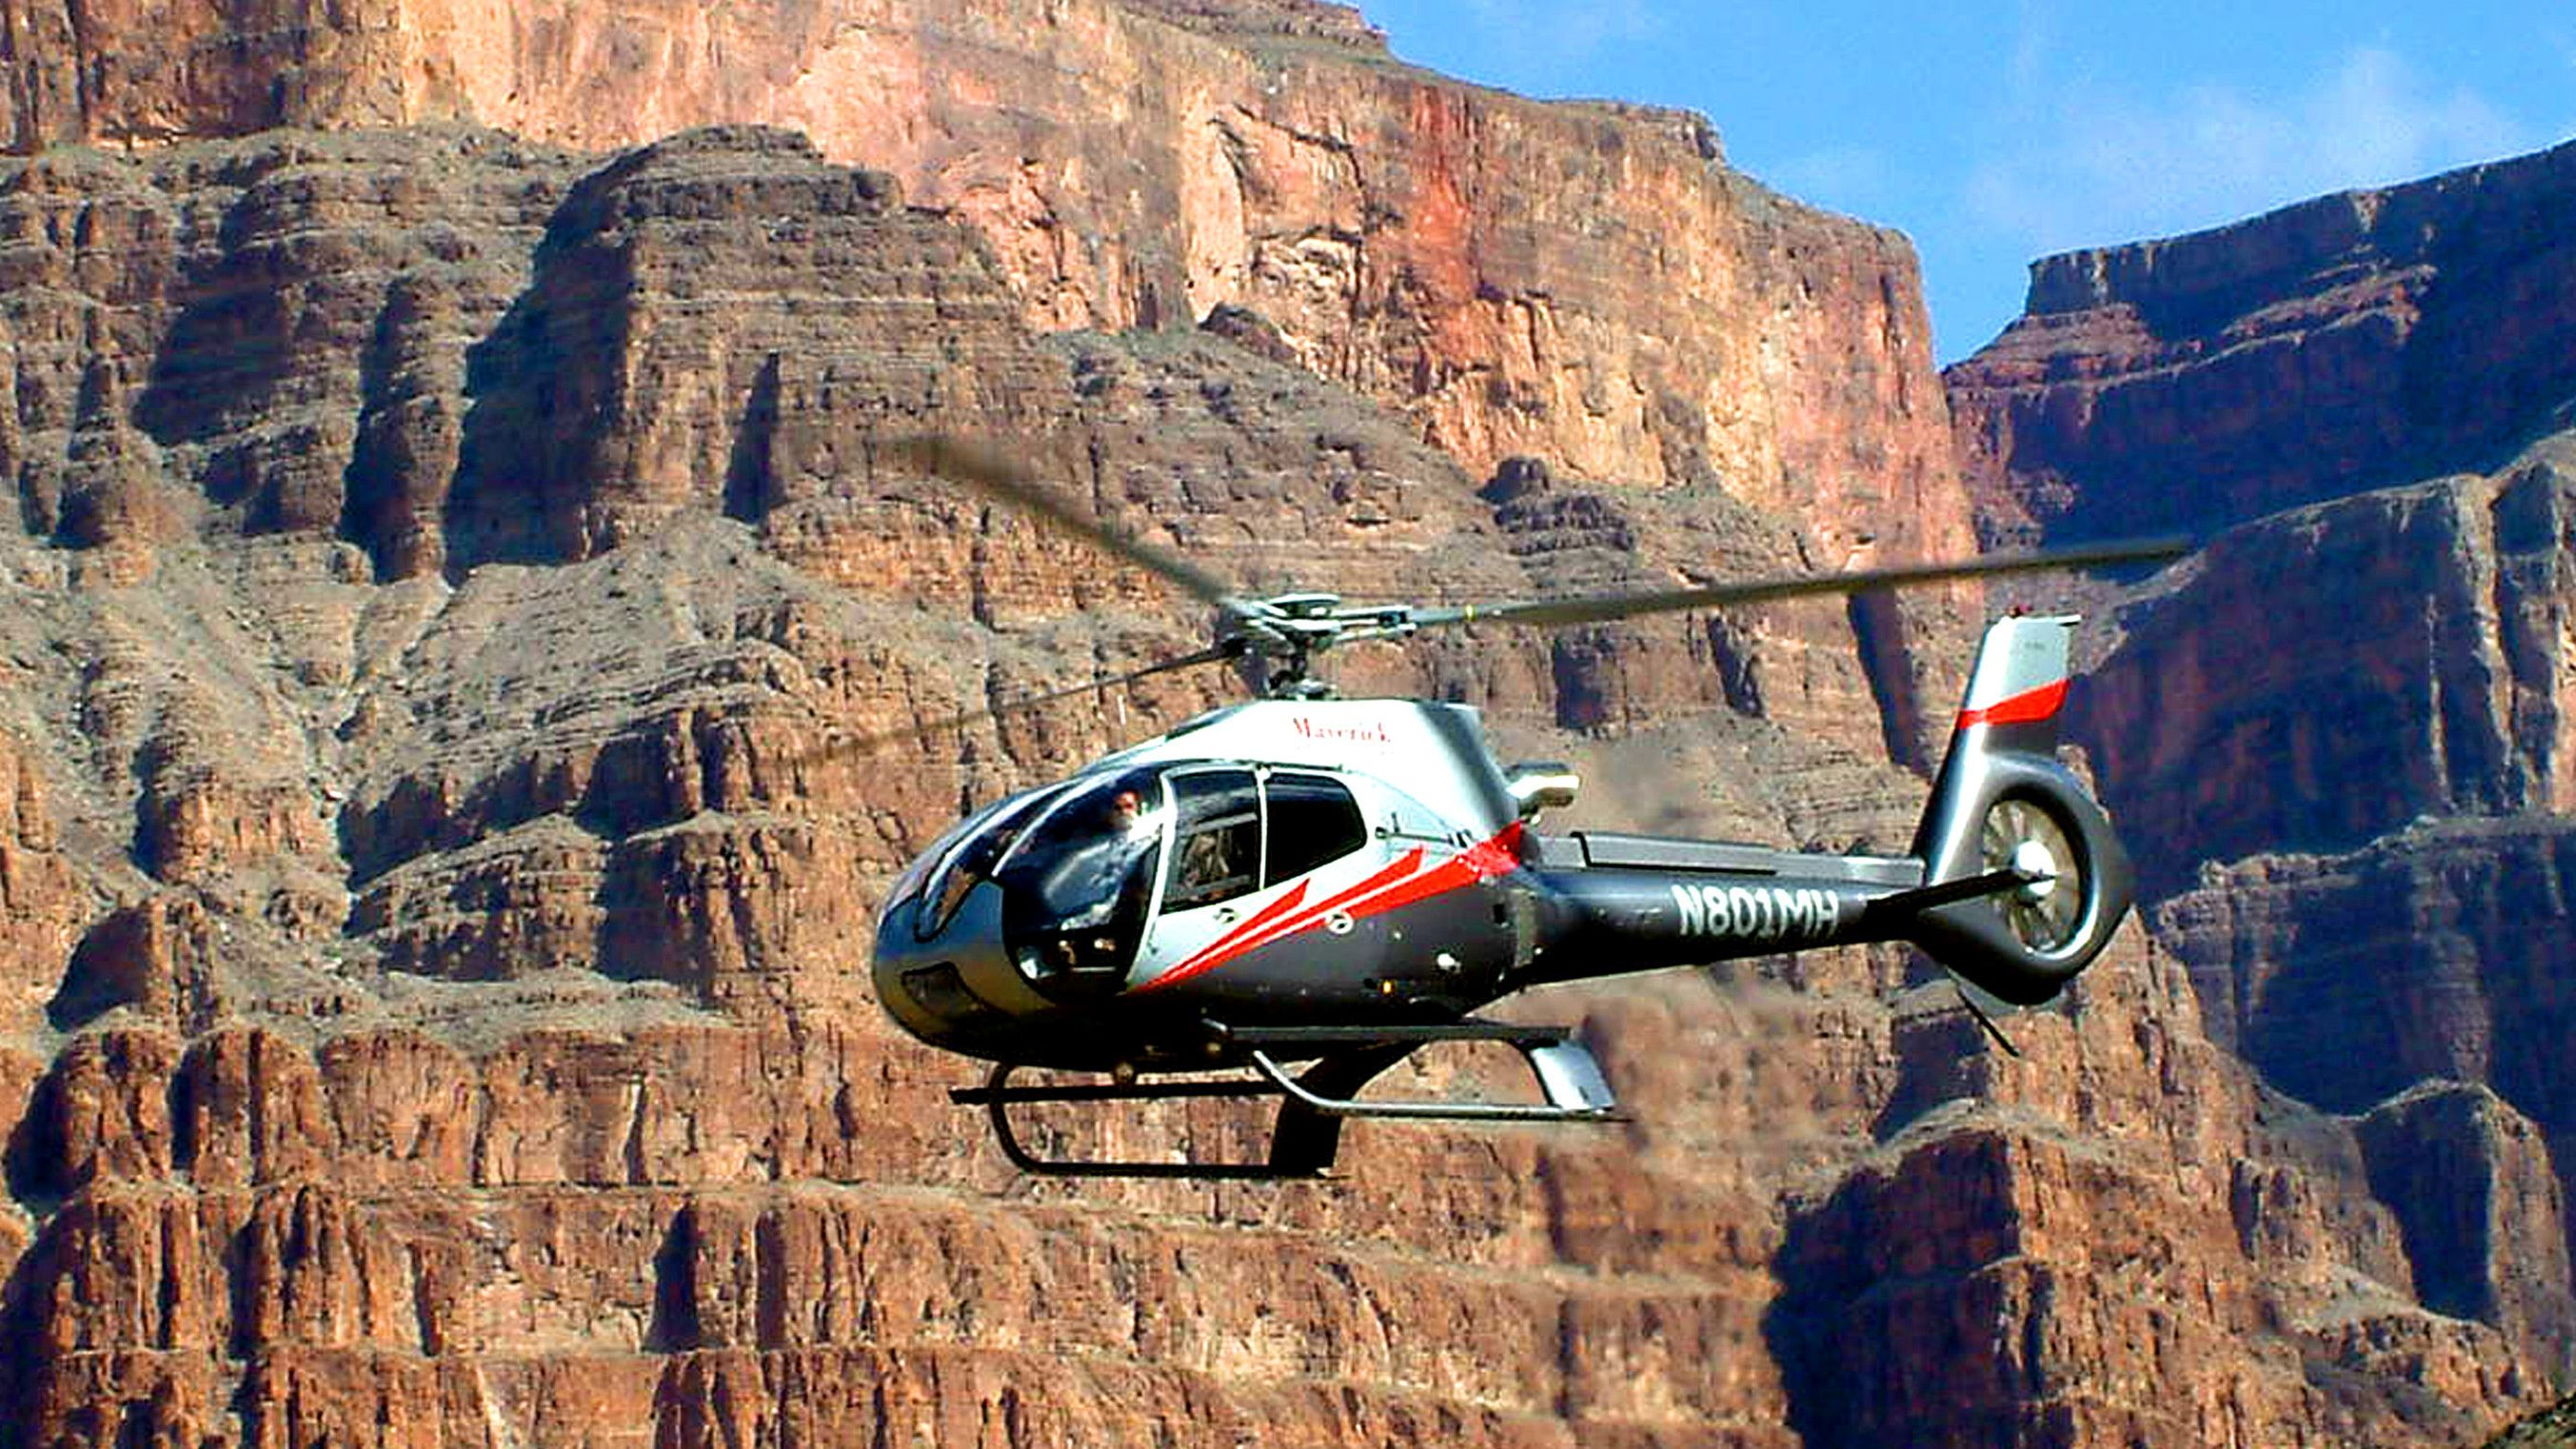 VIP-6-in-1-Tour zur Westseite des Grand Canyon mit Helikopterlandung